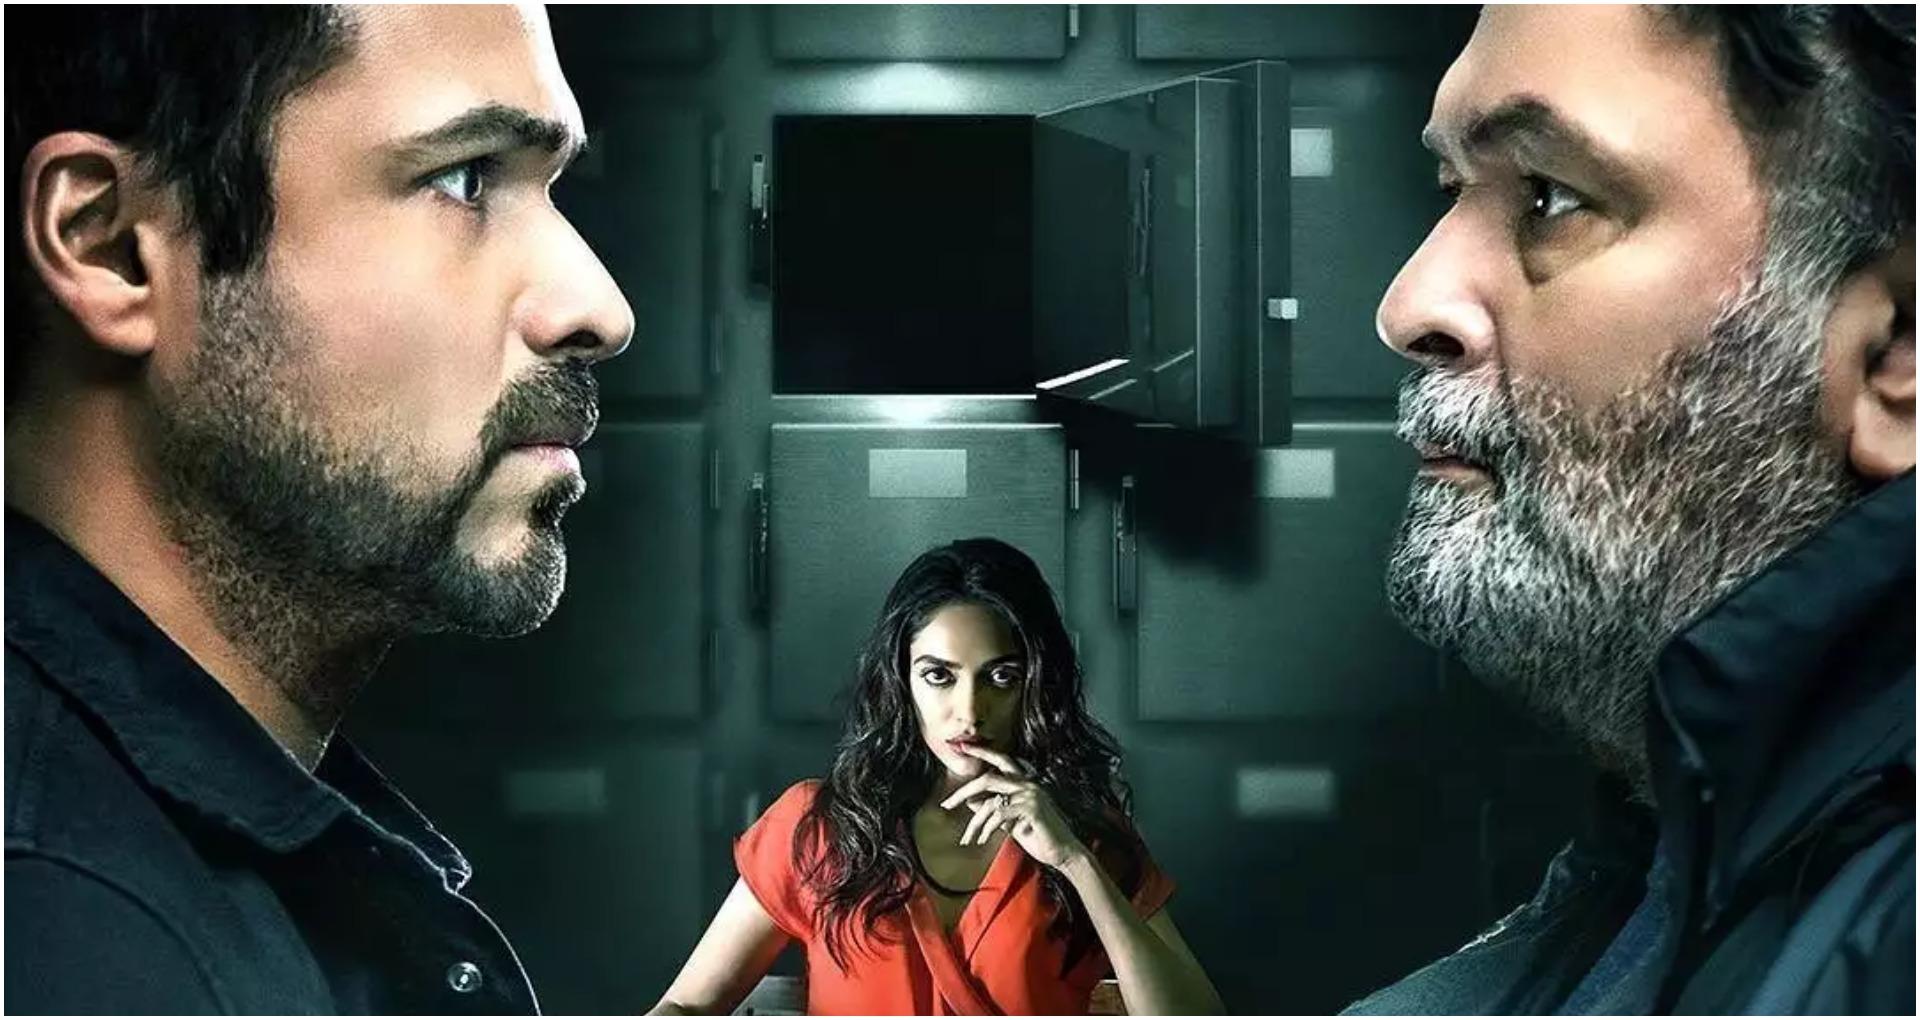 इमरान हाश्मी की फिल्म 'द बॉडी' में होंगे हिट गाने, एक बार फिर से बनाएंगे लोगों को आशिक